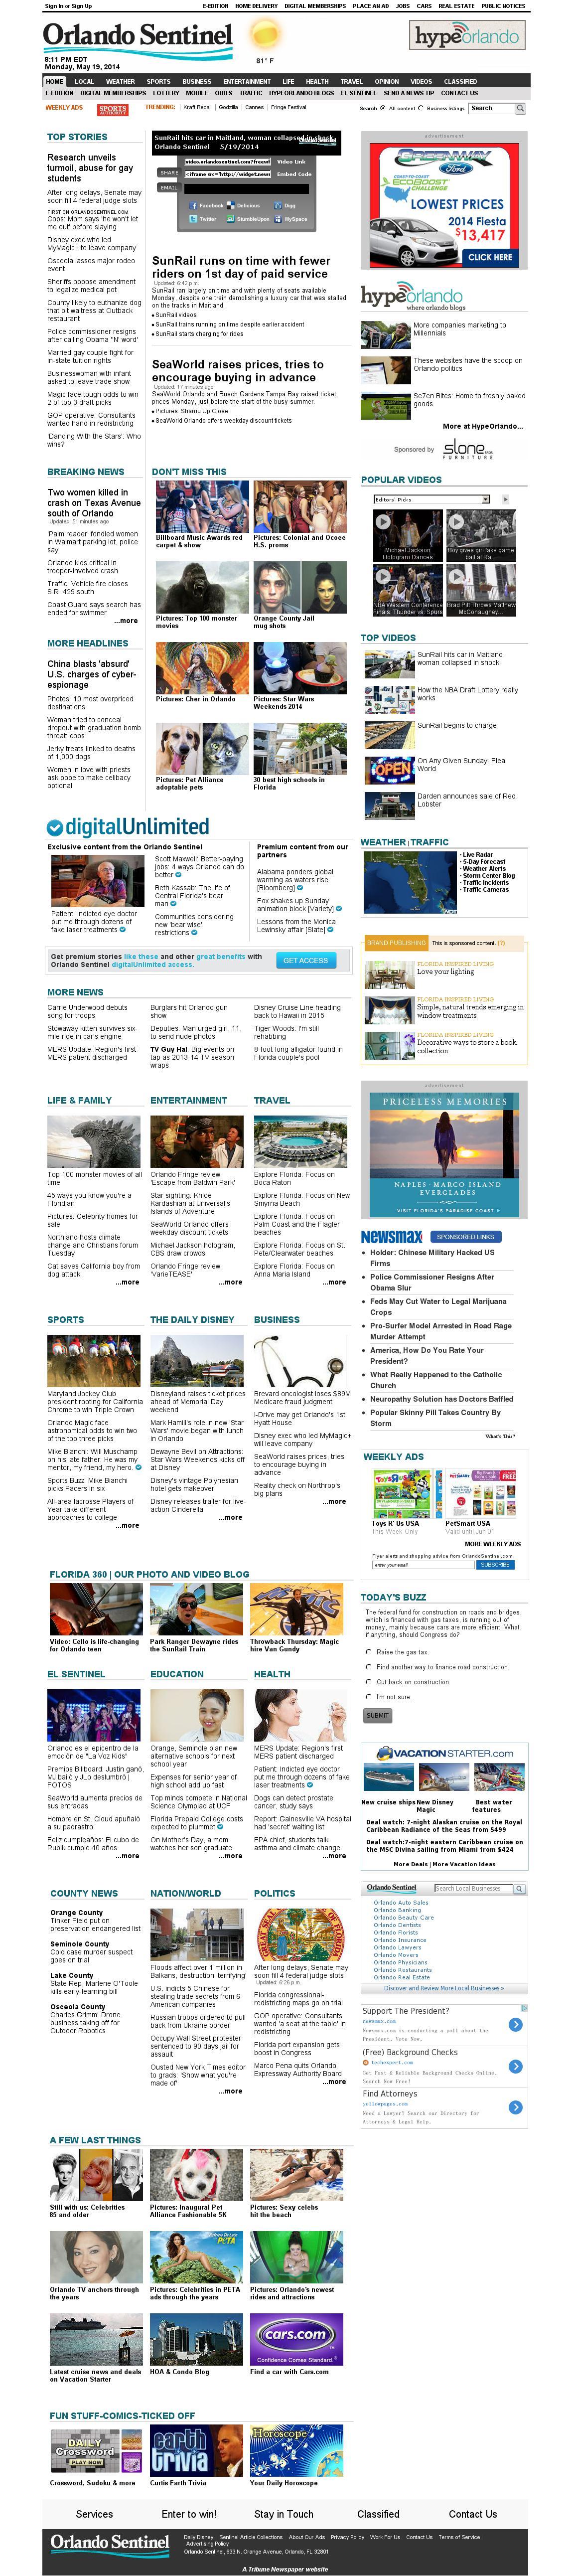 Orlando Sentinel at Tuesday May 20, 2014, 12:17 a.m. UTC